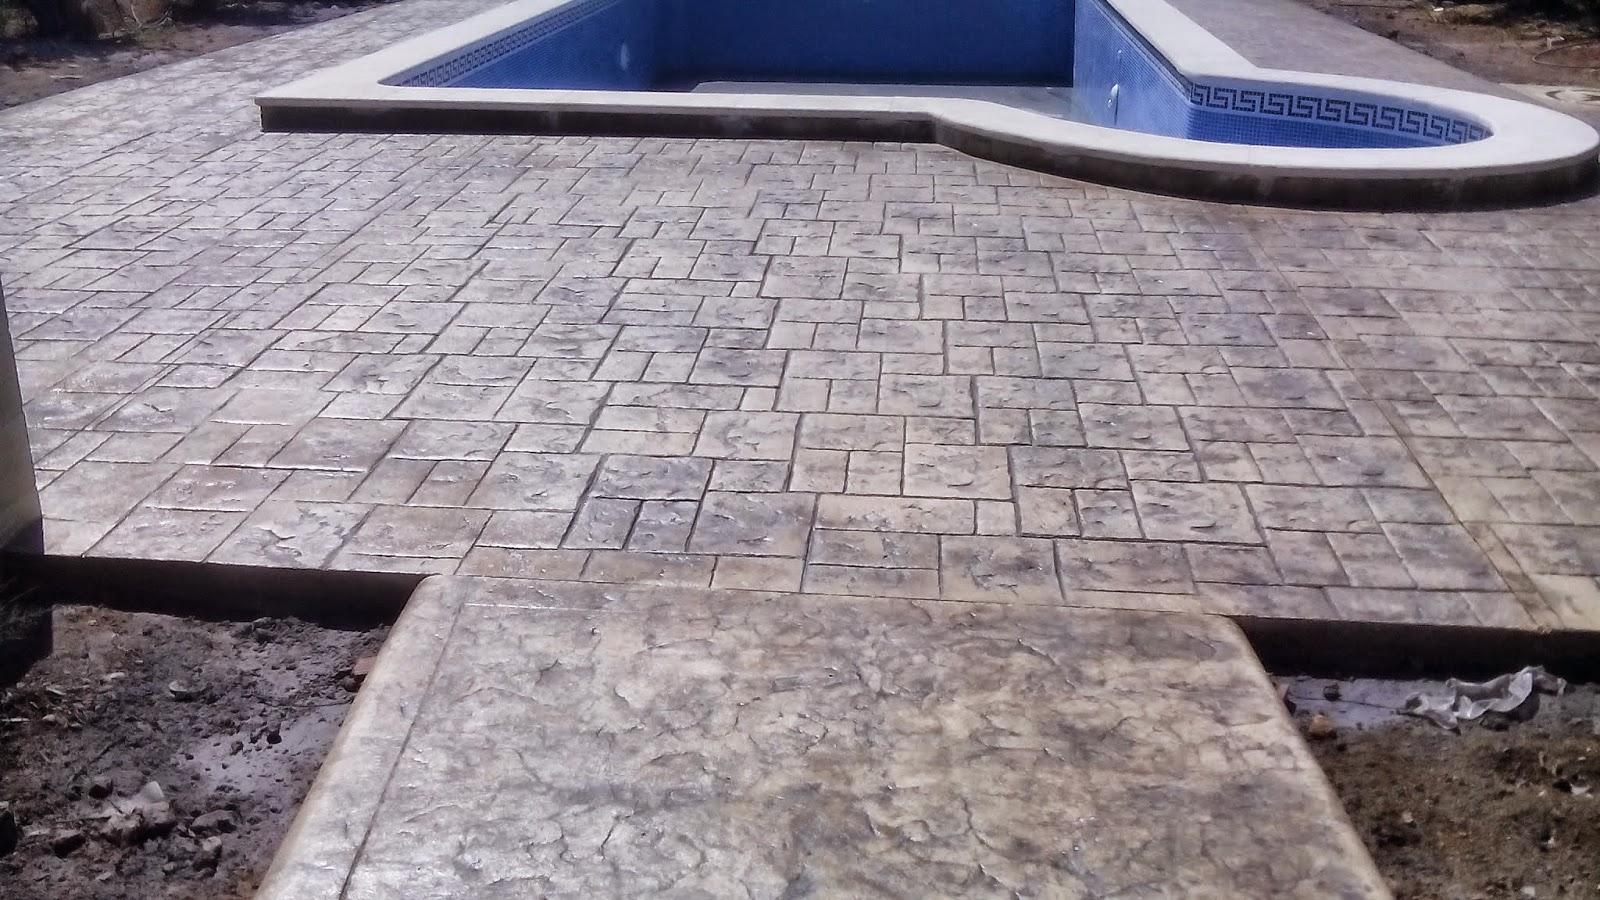 Pavimento continuo de hormig n impreso en piscina en la for Hormigon impreso para piscinas